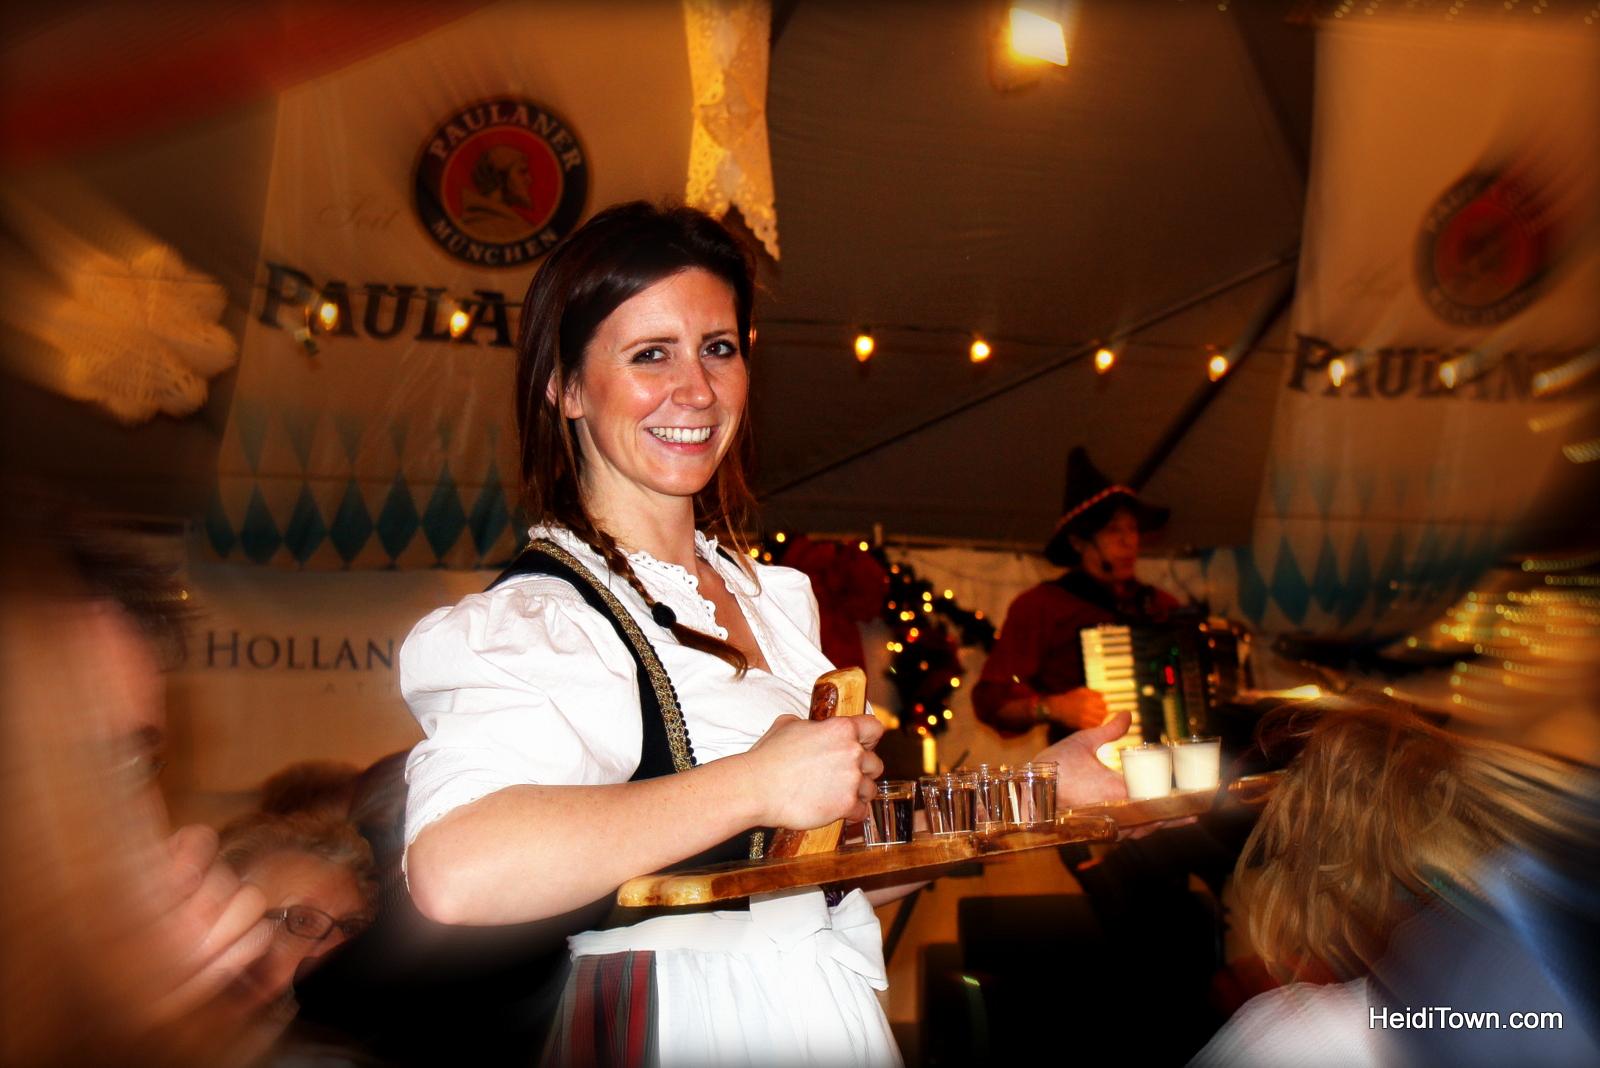 Heidi serving up schnapps at Denver Christkindl Market. HeidiTown.com